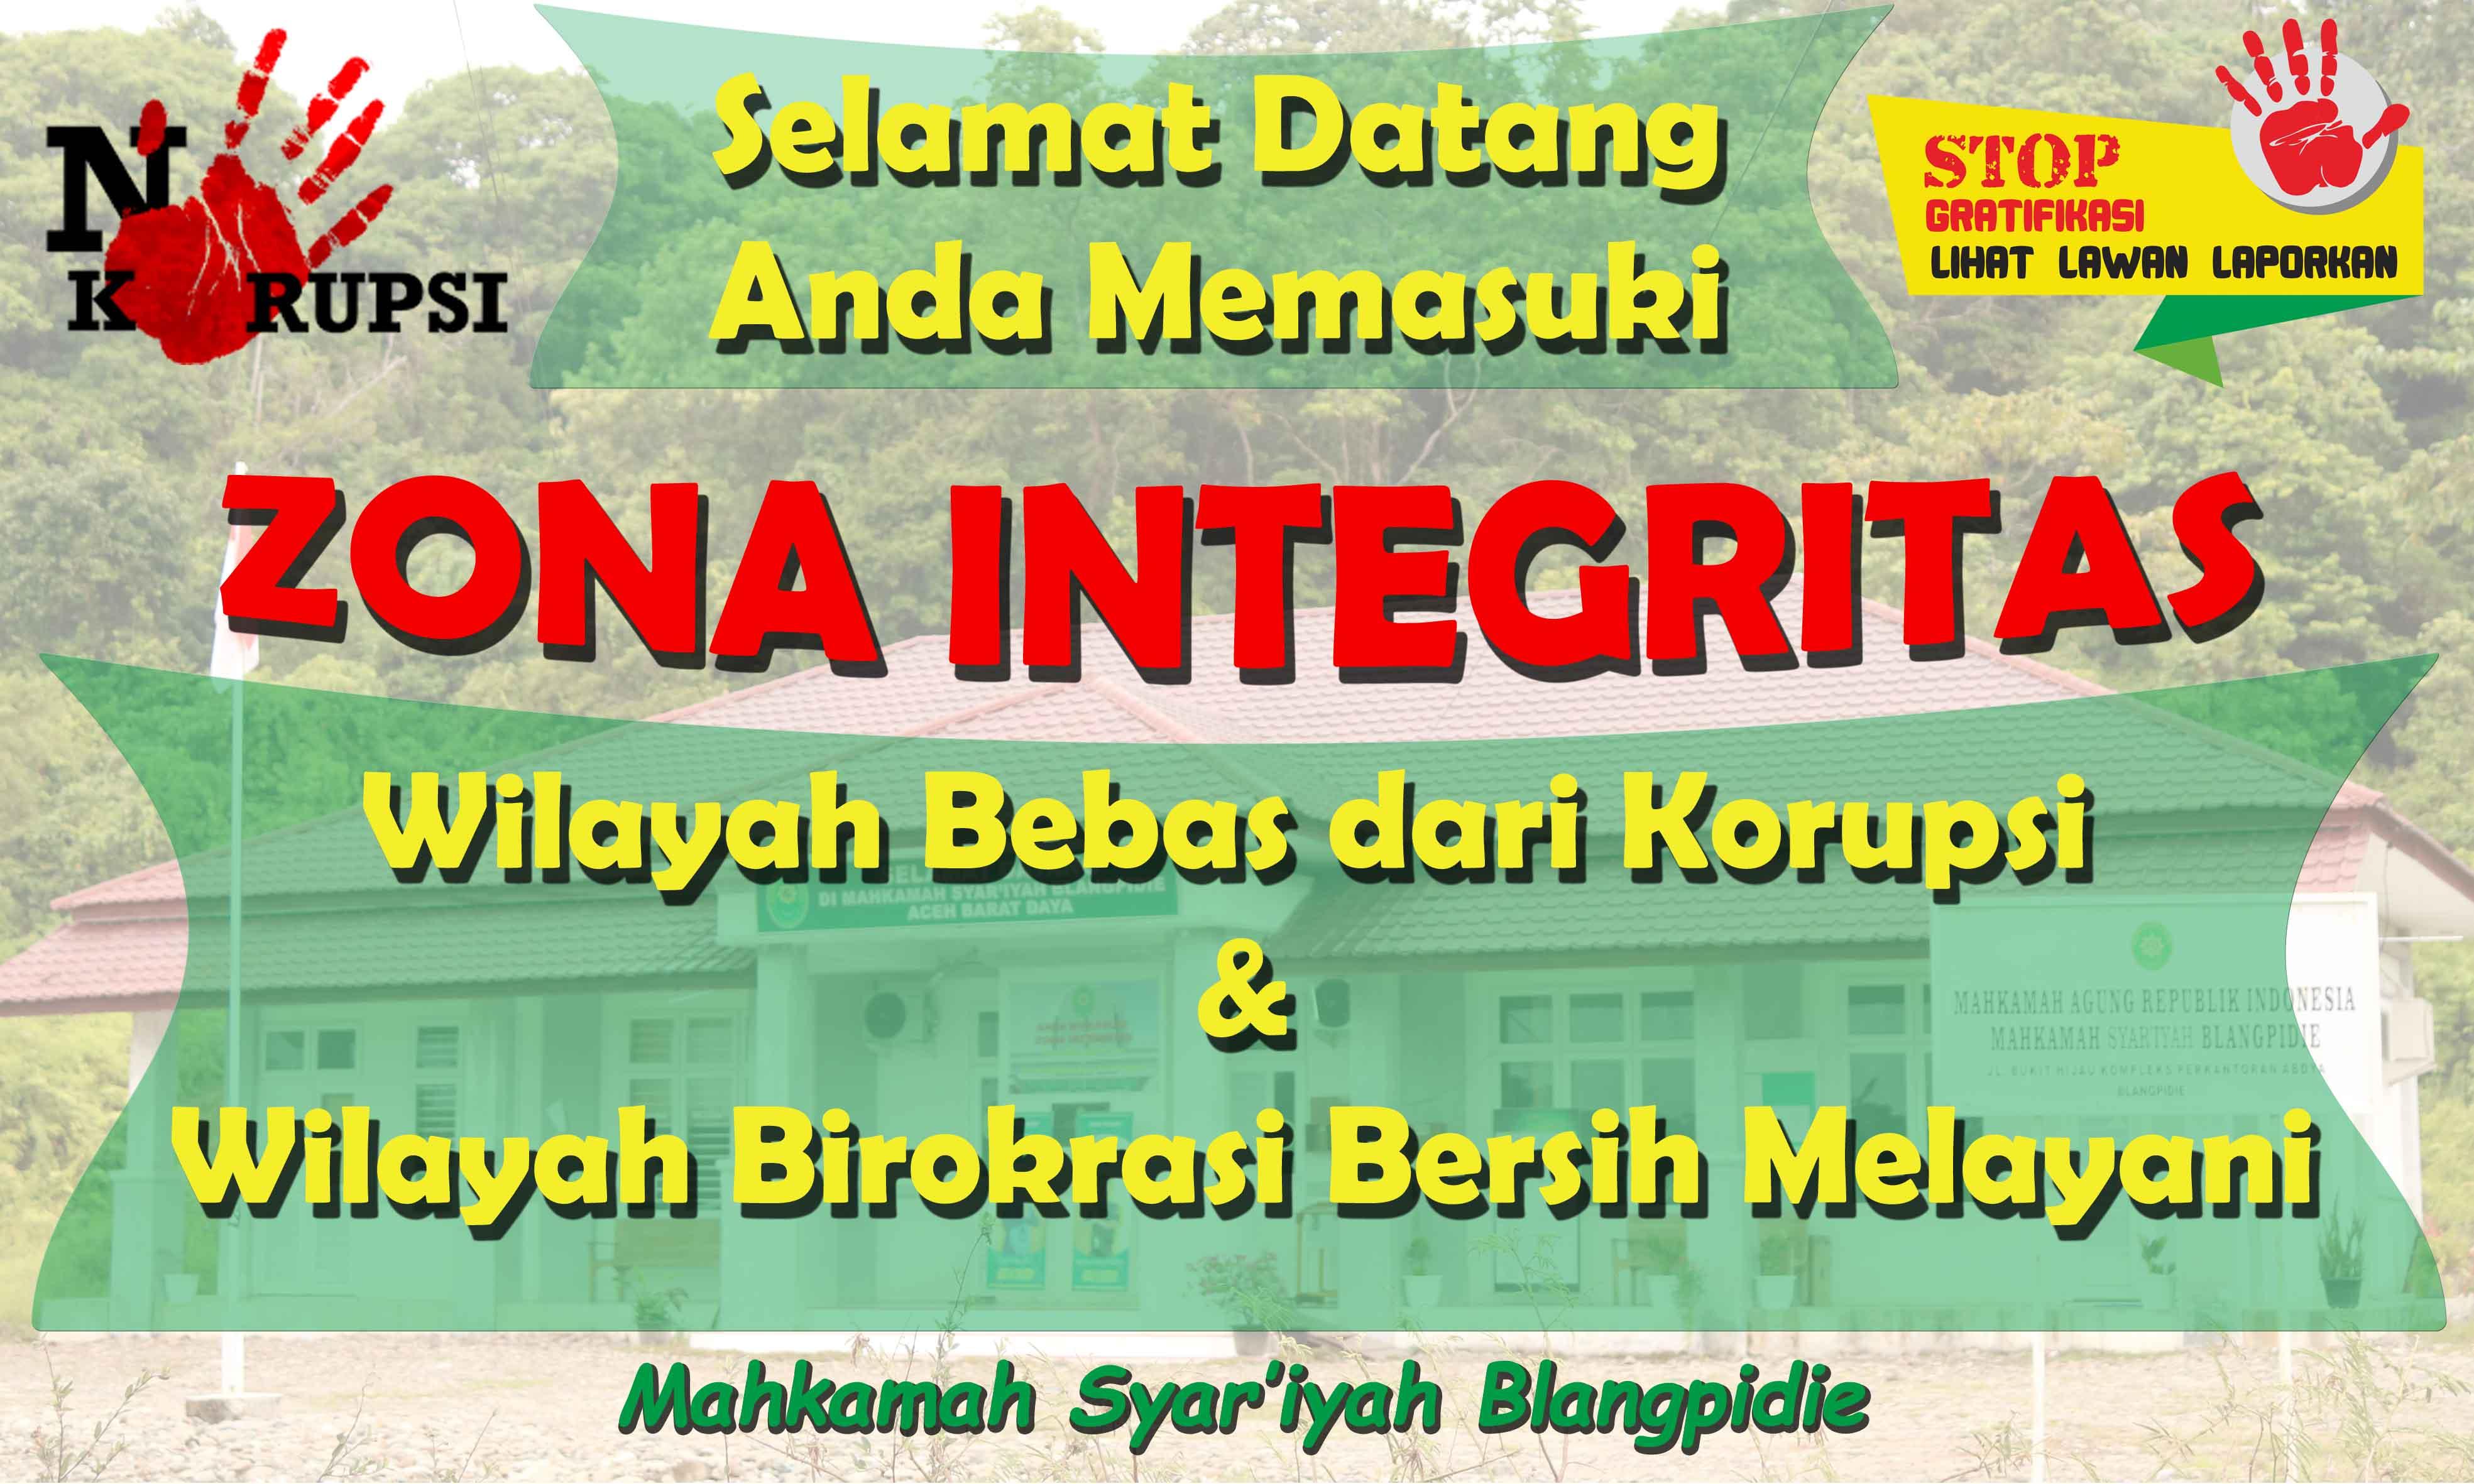 Anda Memasuki Zona Integritas Wilayah Bebas dari Korupsi dan Wilayah Birokrasi Bersih Melayani